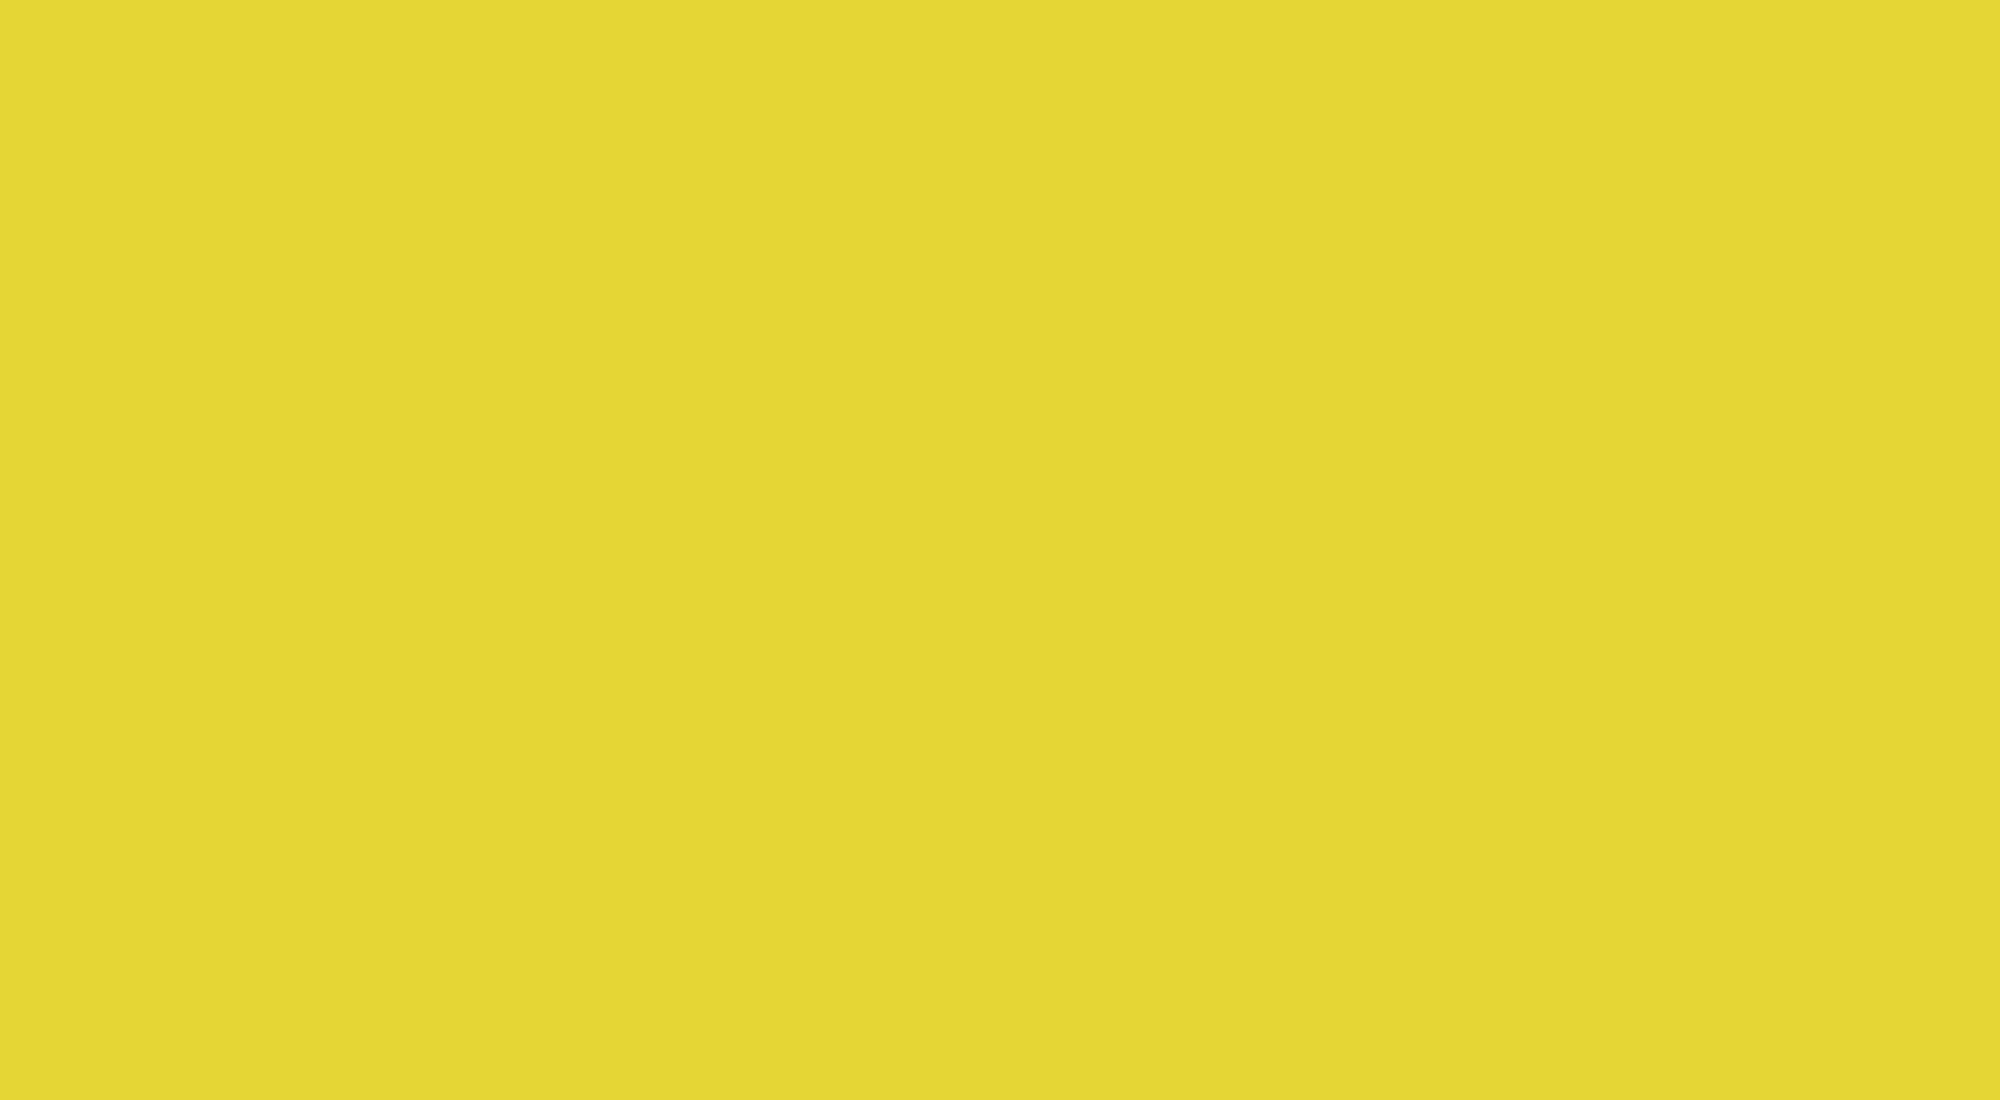 Podklad_logo